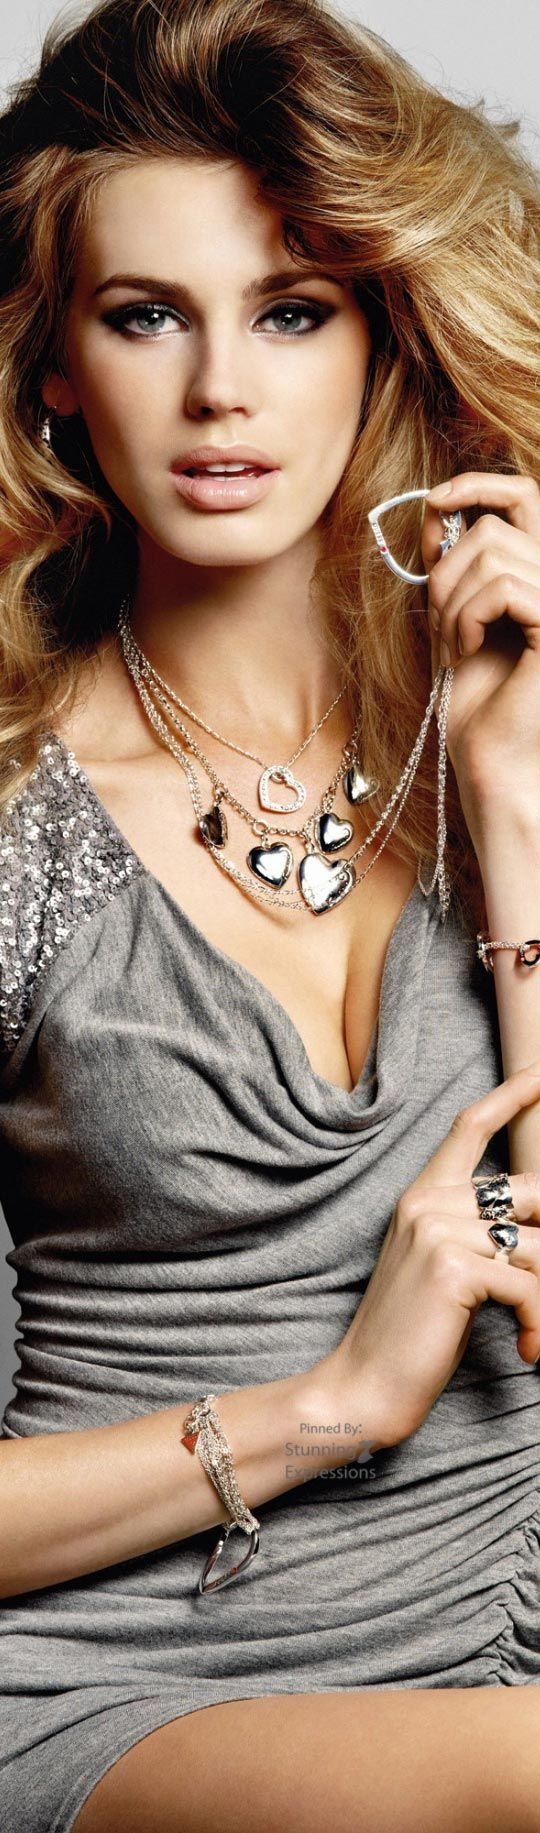 For More  lingerie models teen   Click Here http://moneybuds.com/Lingerie/